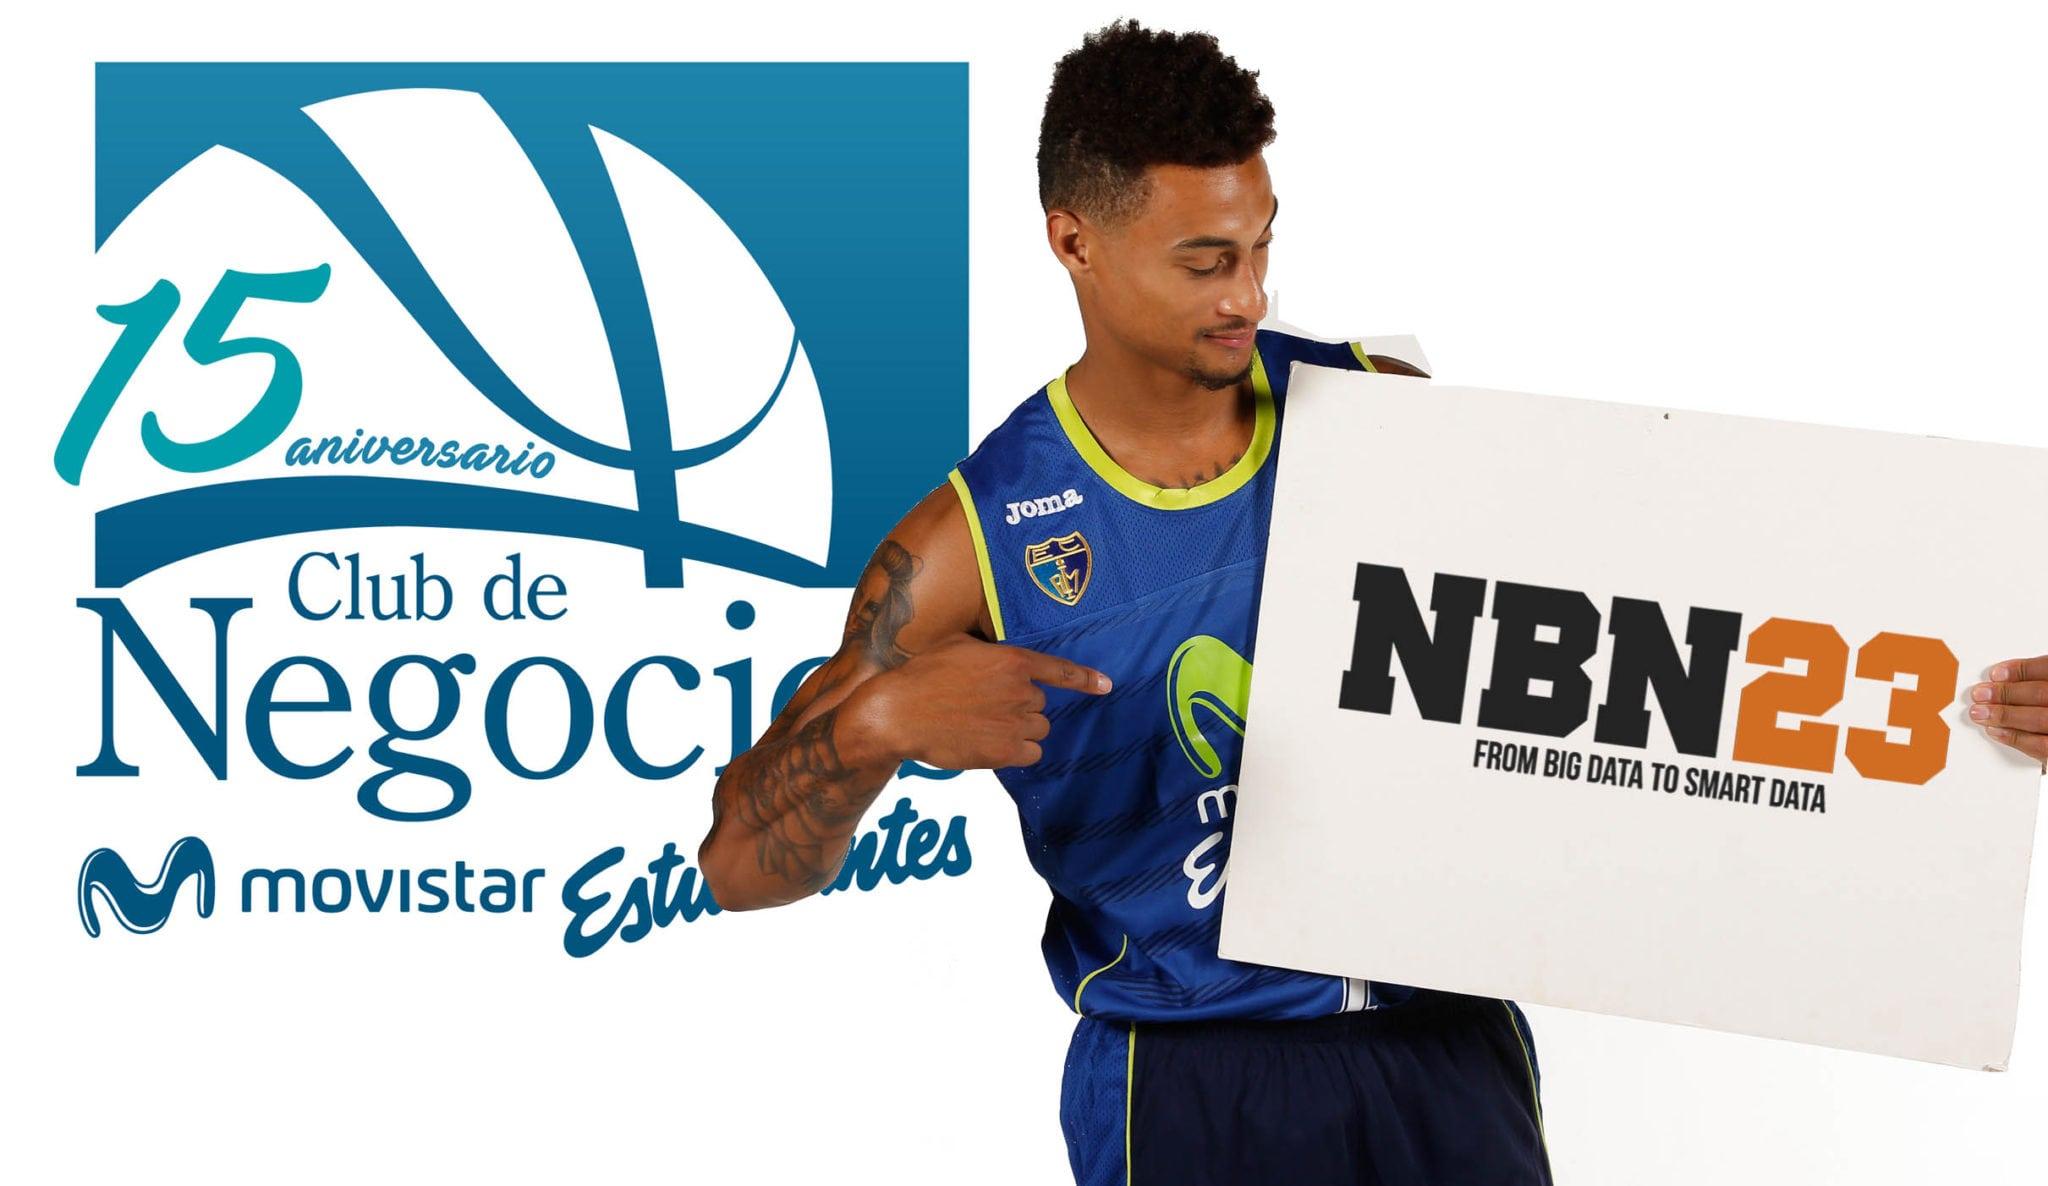 NBN23. ¡Bienvenidos al Club de Negocios Movistar Estudiantes!